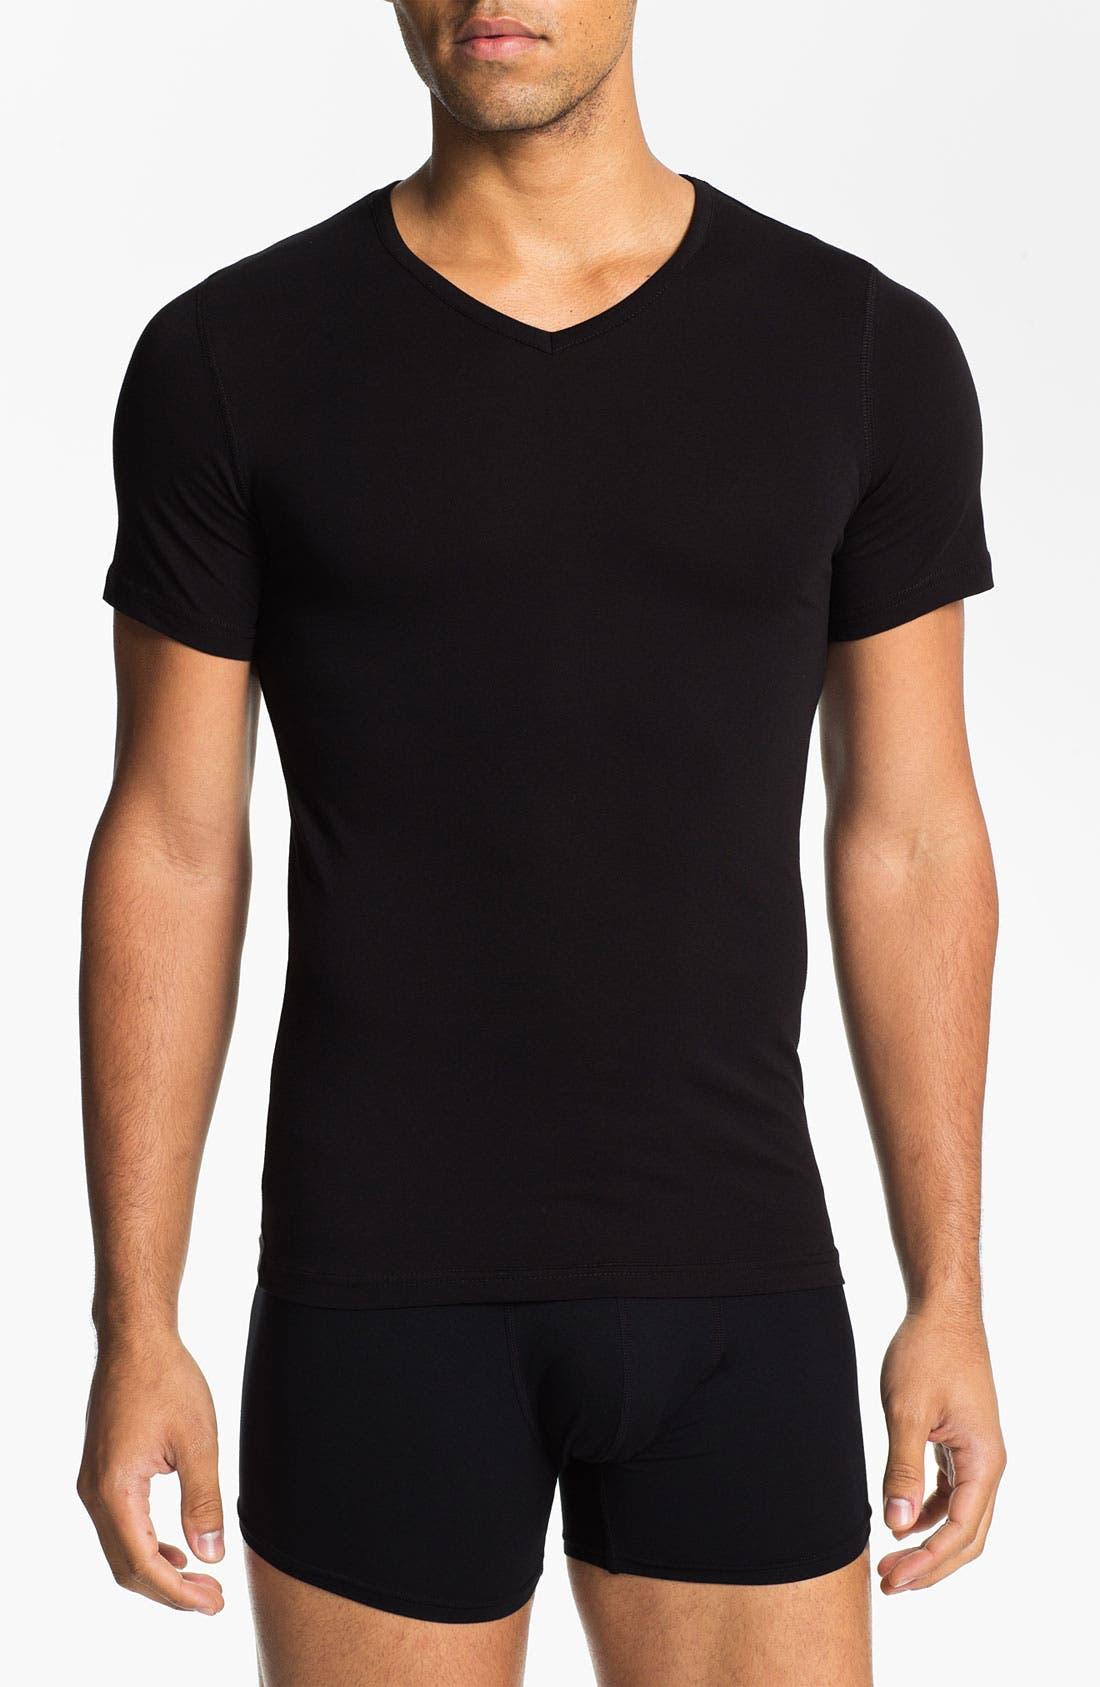 Main Image - Naked V-Neck Cotton Undershirt